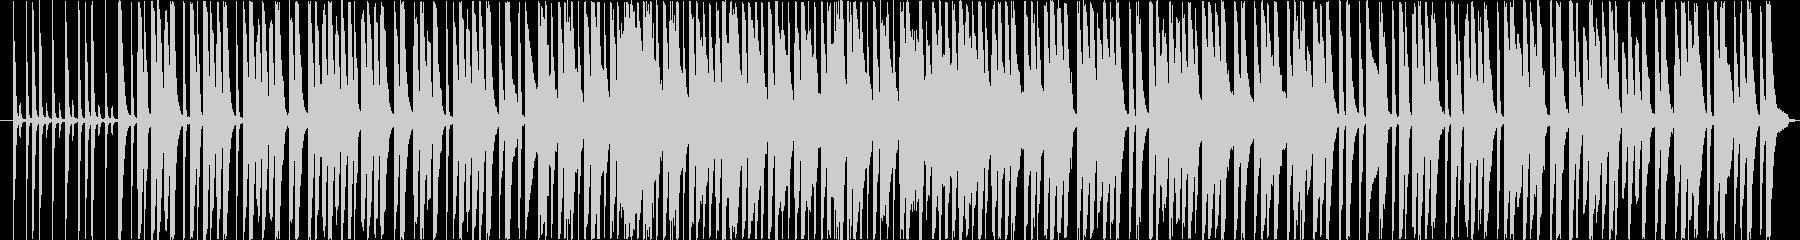 のどか7の未再生の波形